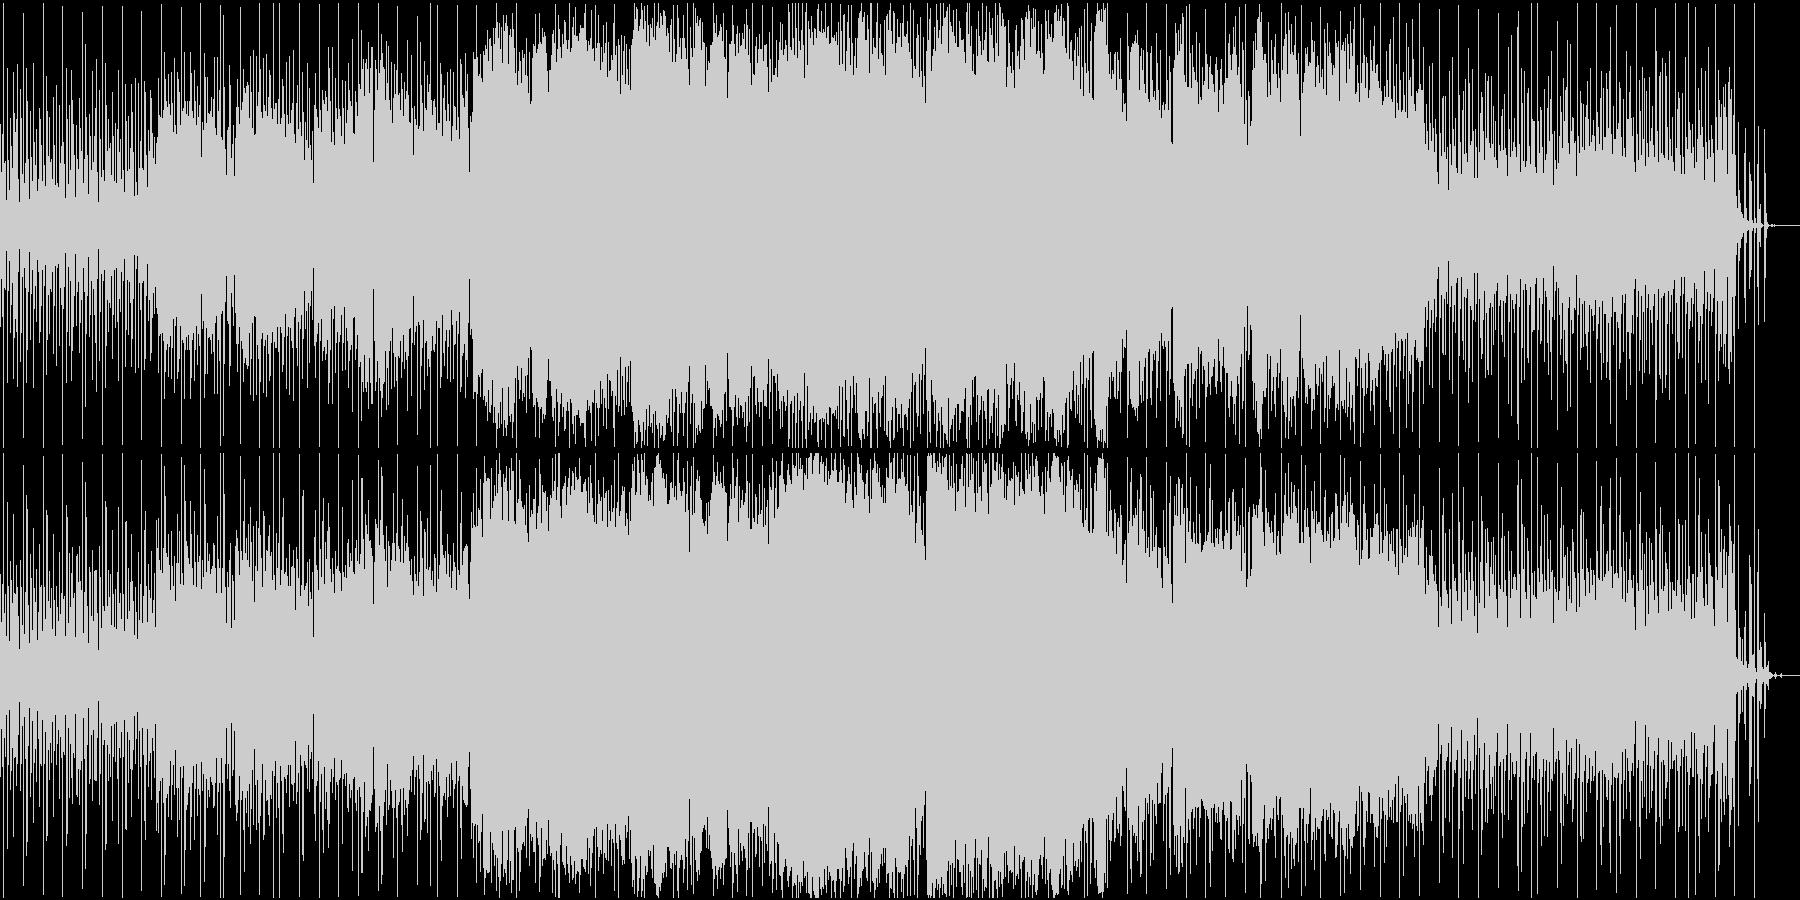 ふわふわしたイメージのBGMの未再生の波形